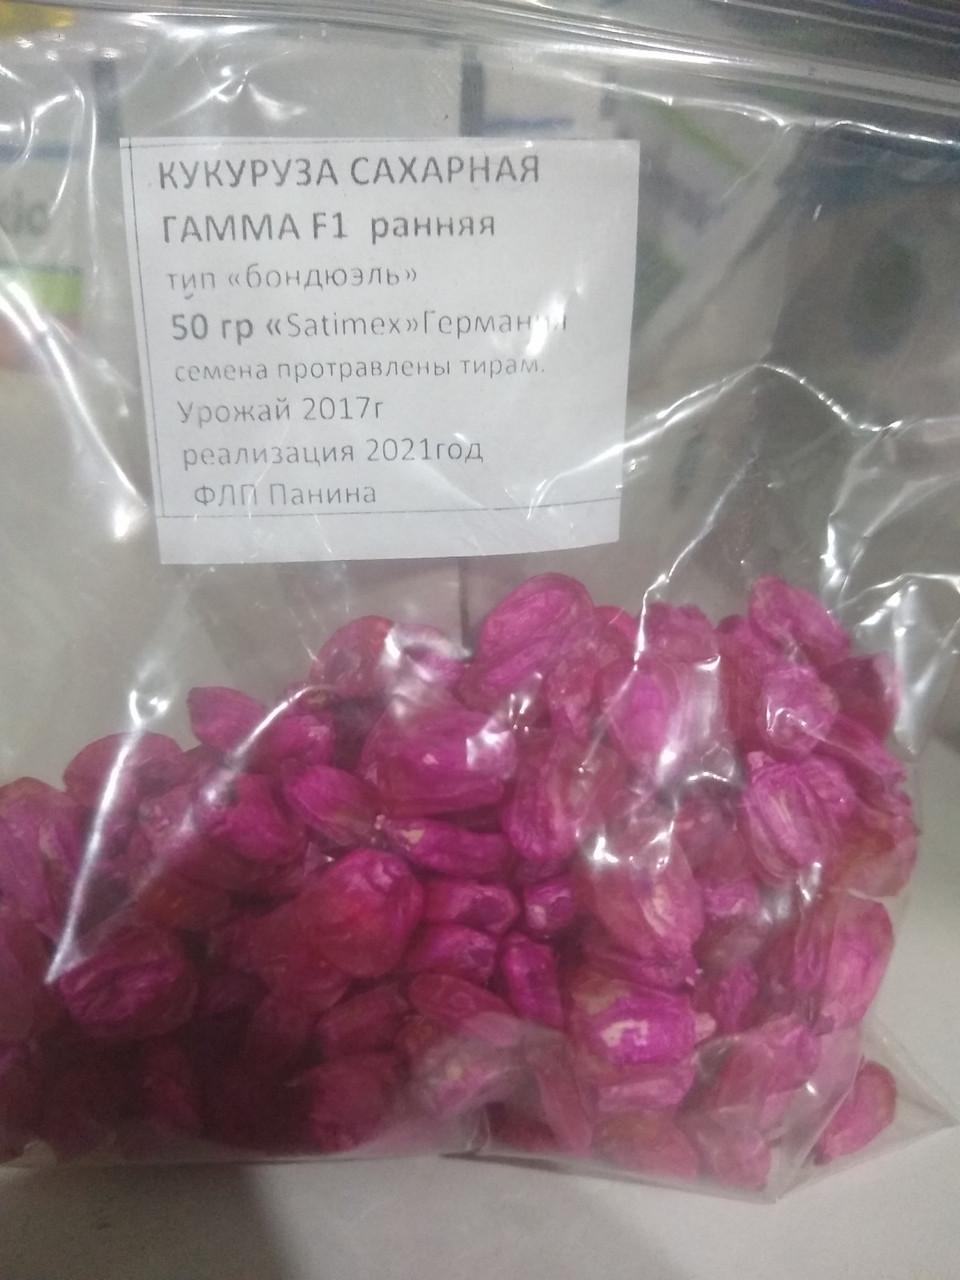 """Семена кукурузы сахарной Гамма F1 ранняя тип """"бондюэль"""", 50 грамм, 750 семян,  """"Satimex"""", Германия"""